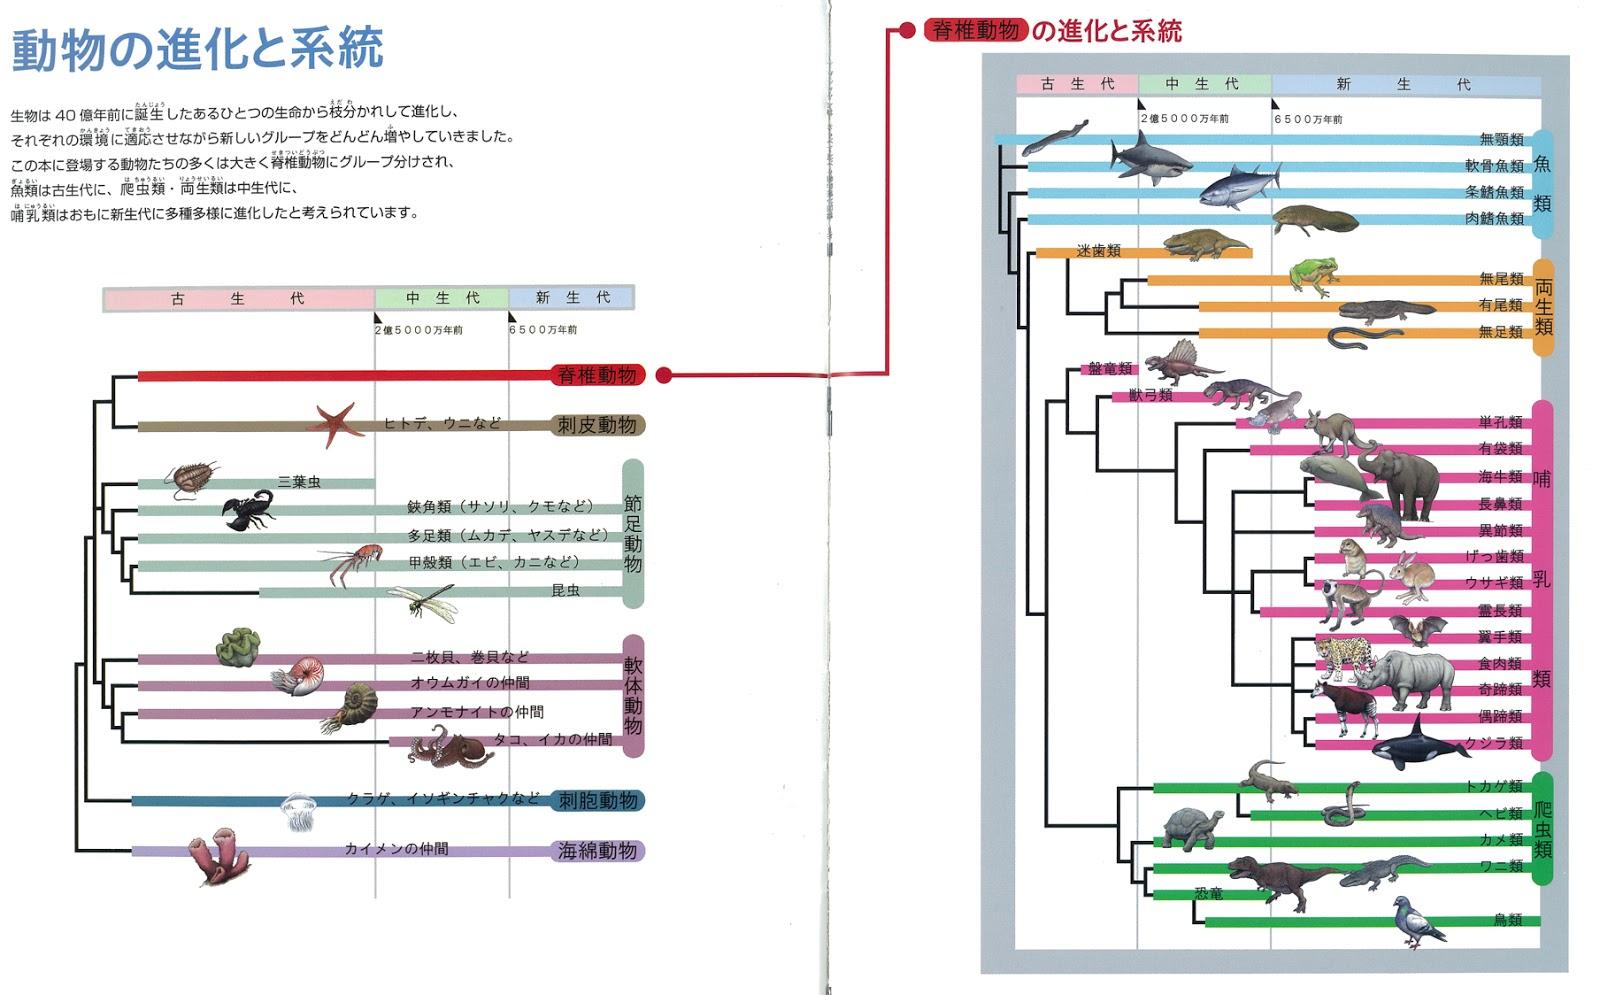 楽天ブックス: 霊長類ヒト科動物図鑑 - 向田 邦子 - …